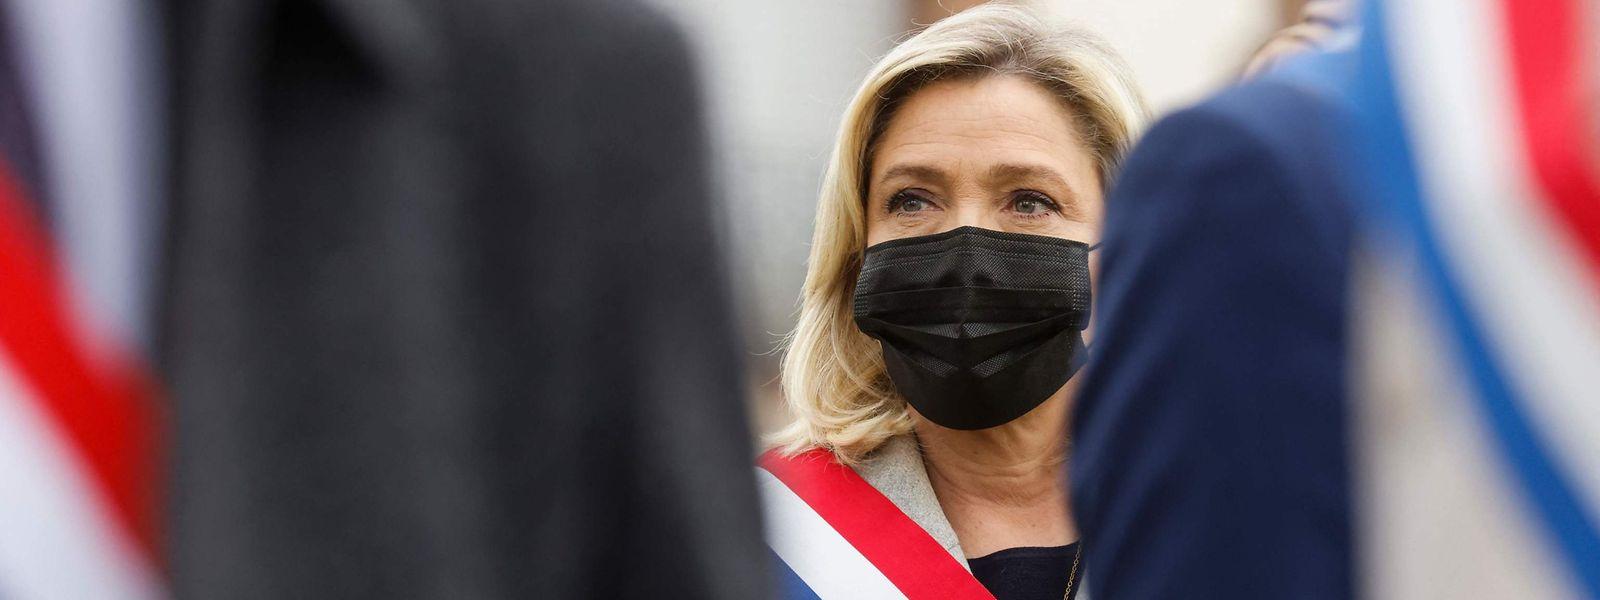 Die Chefin des Rassemblement National, Marine le Pen, unterstützt den Brief der Generäle.